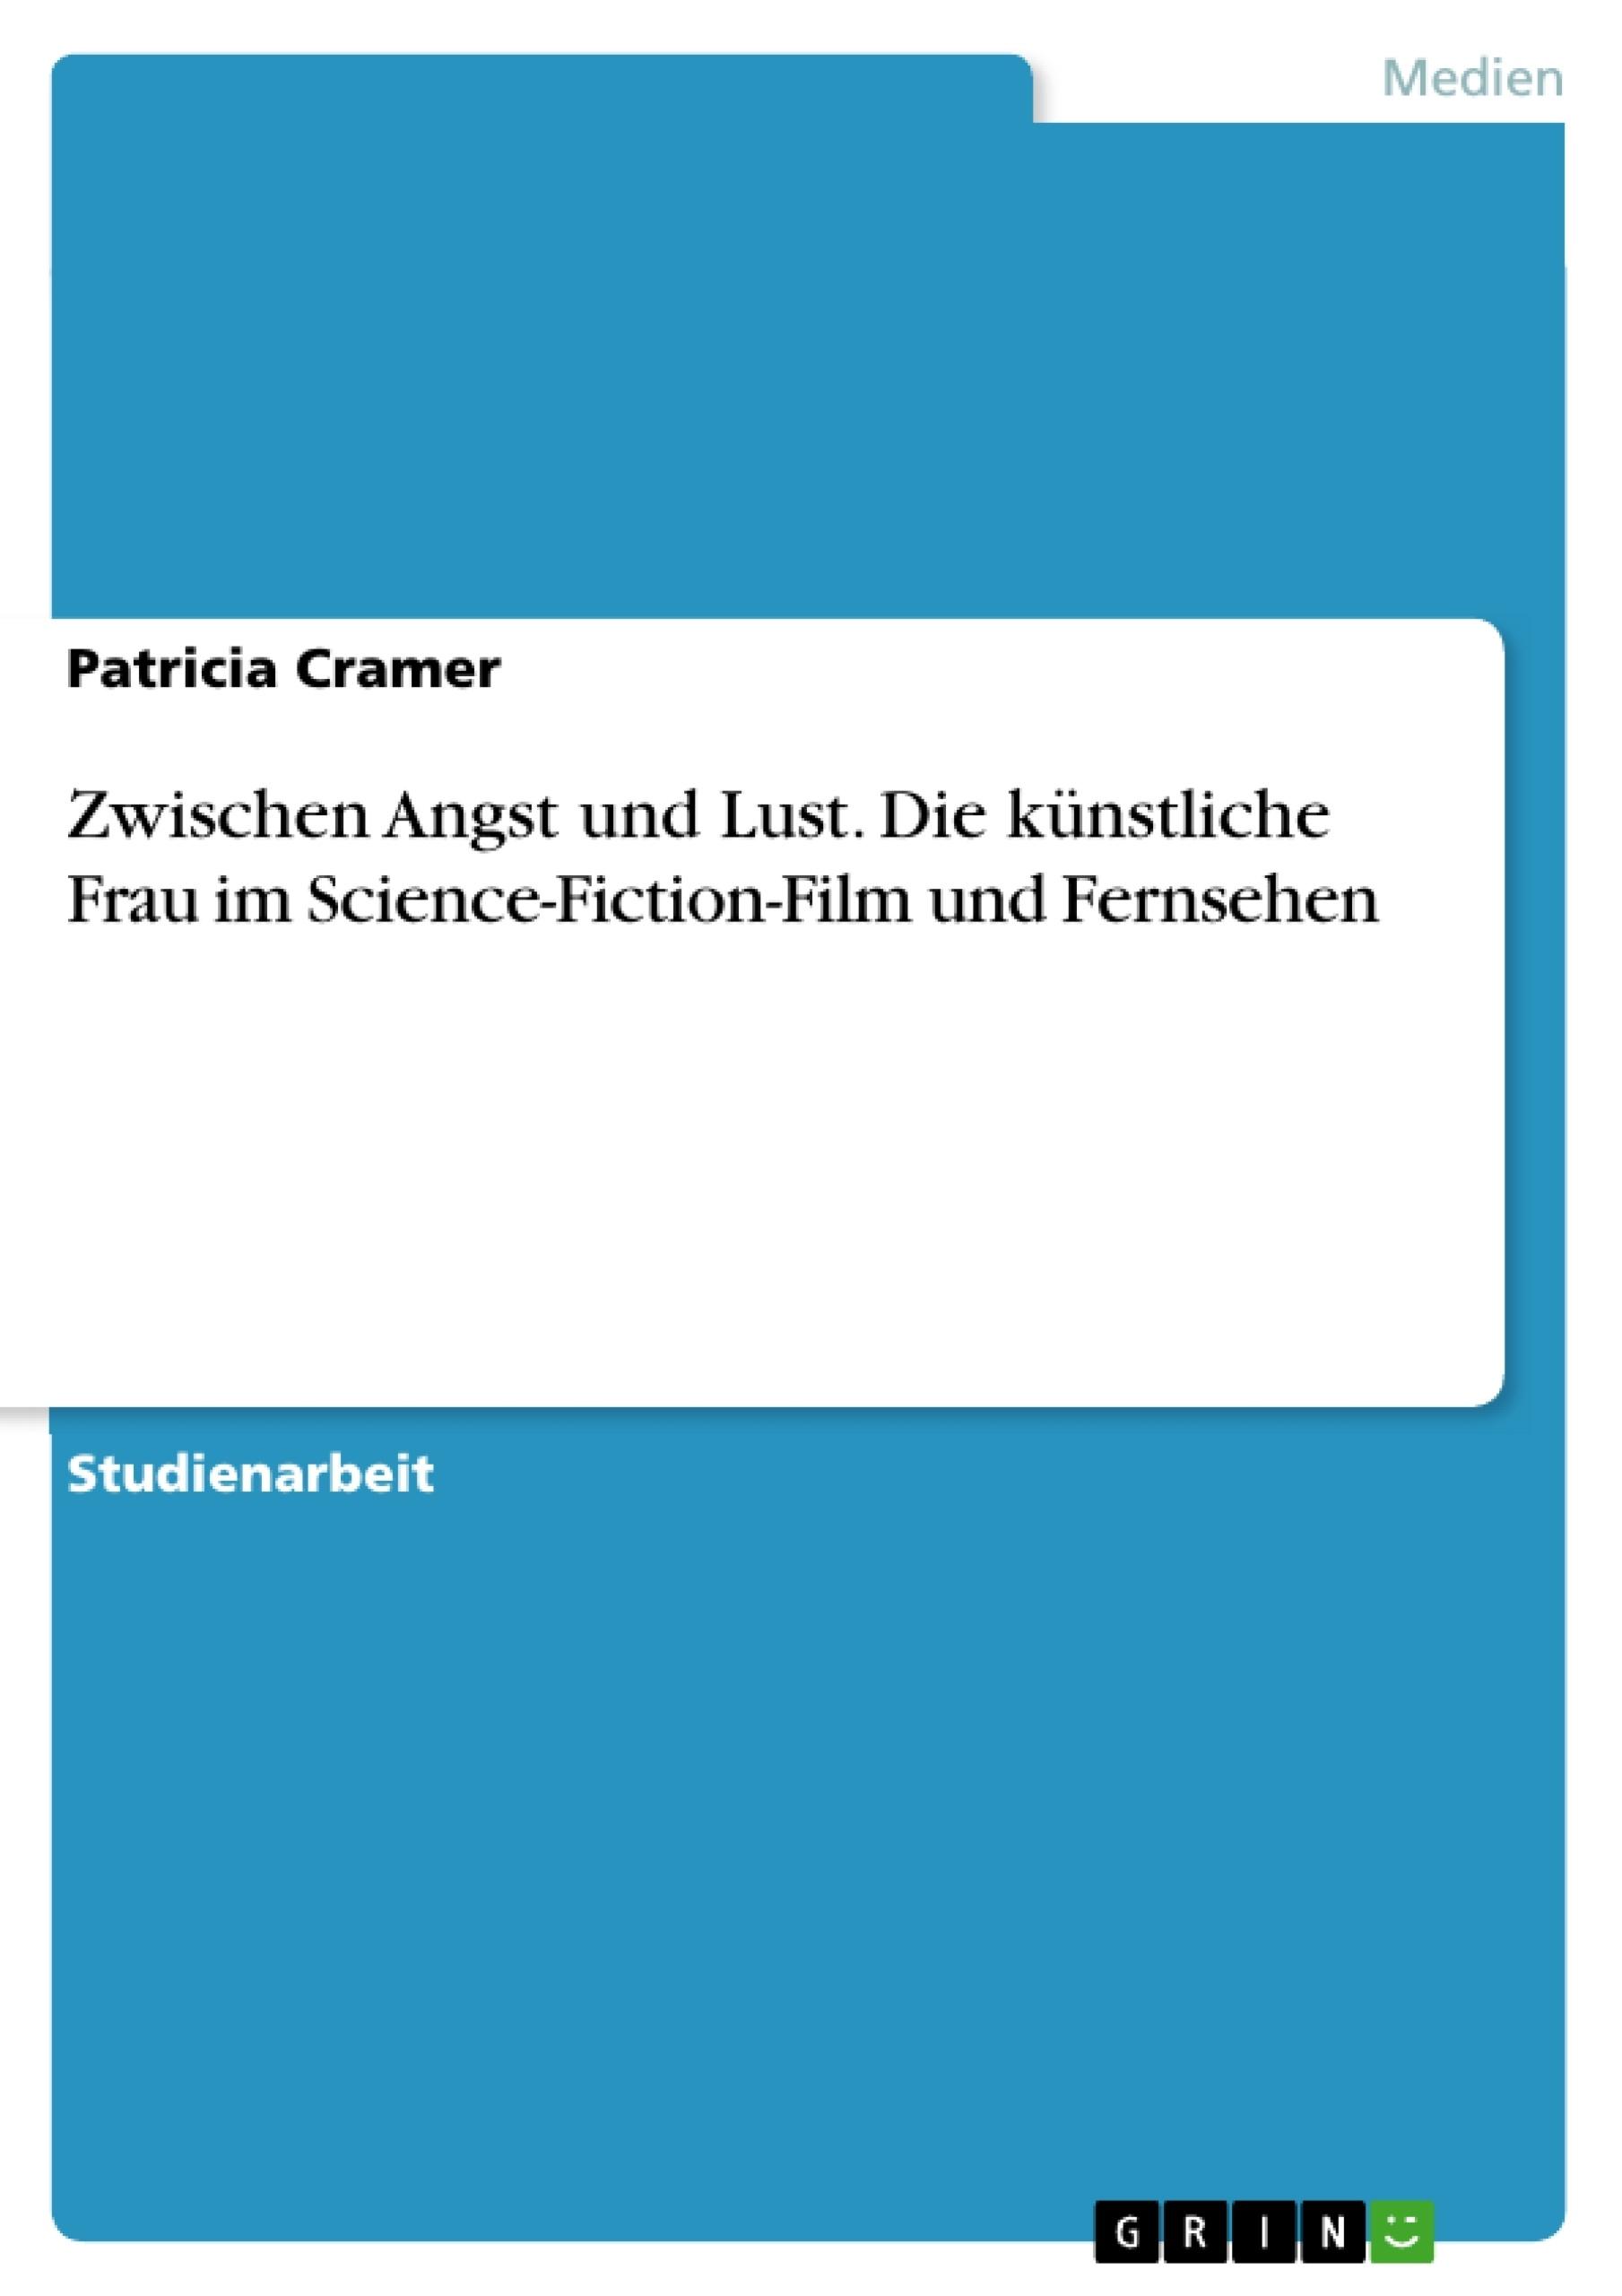 Titel: Zwischen Angst und Lust. Die künstliche Frau im Science-Fiction-Film und Fernsehen